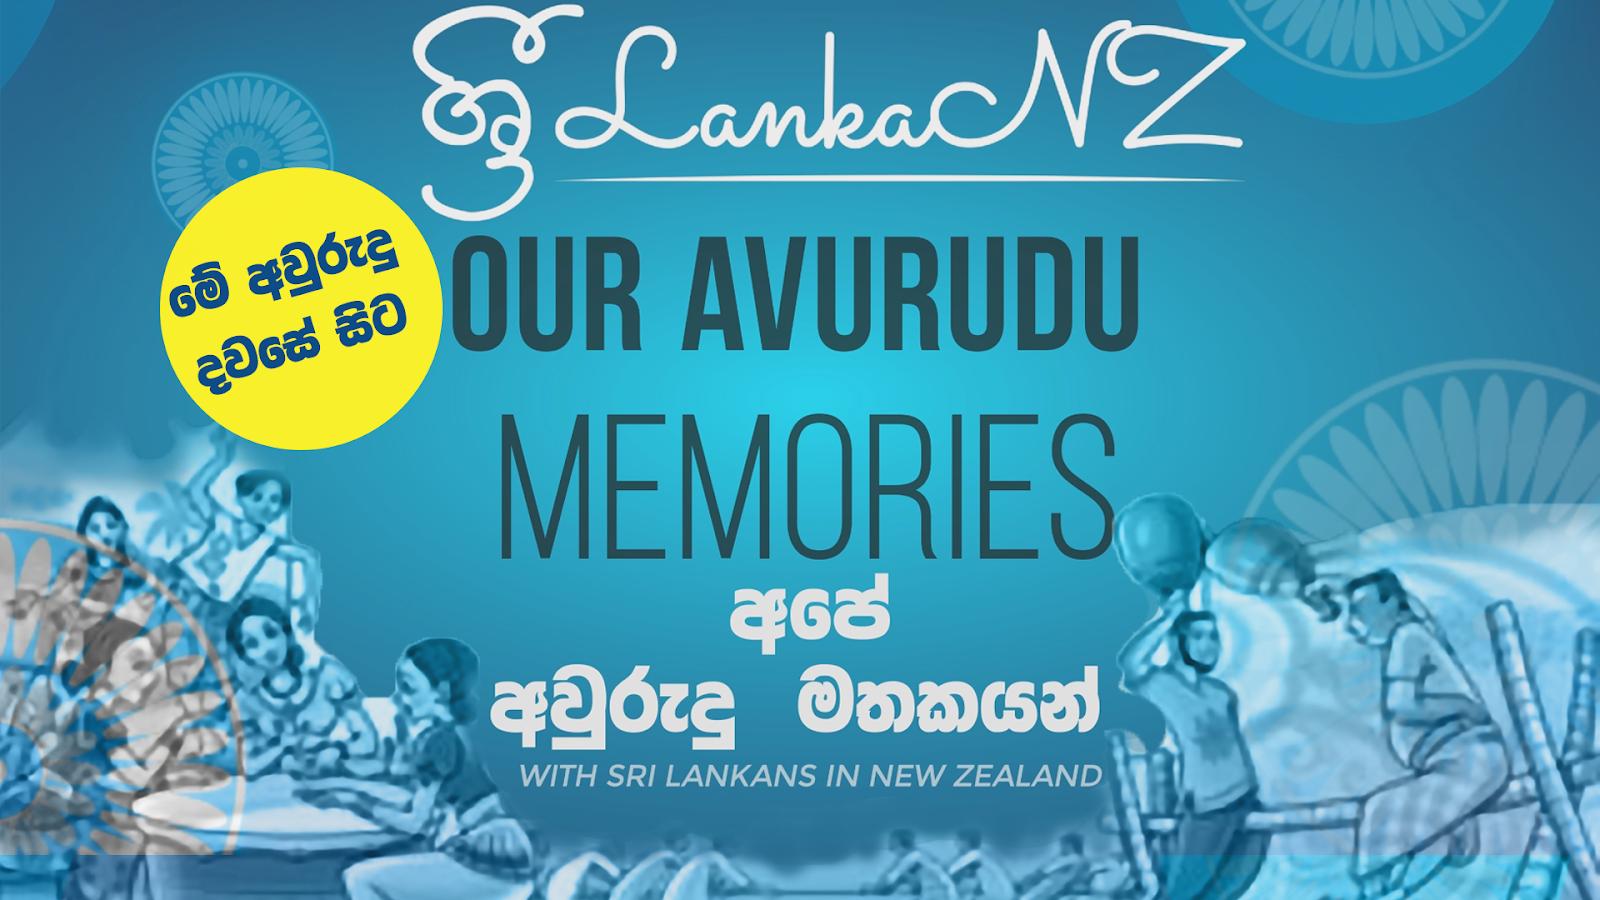 අපේ අවුරුදු මතක by Sri Lankans living in NZ who were from different parts of Sri Lanka